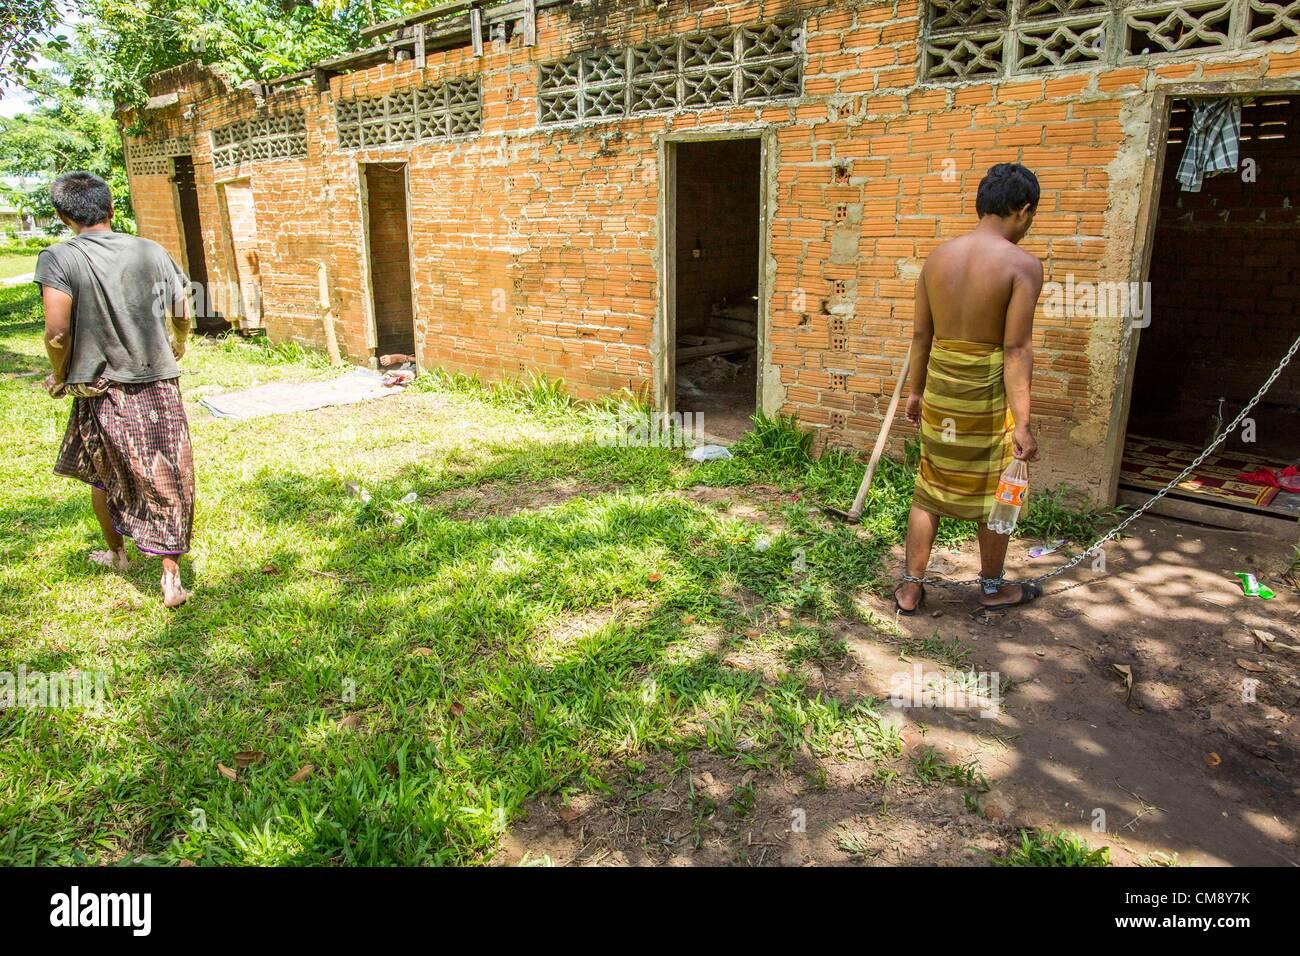 Ottobre 29, 2012 - Mayo, Pattani, Tailandia - un fiduciario passa un residente in manette in Bukit Kong home in Immagini Stock